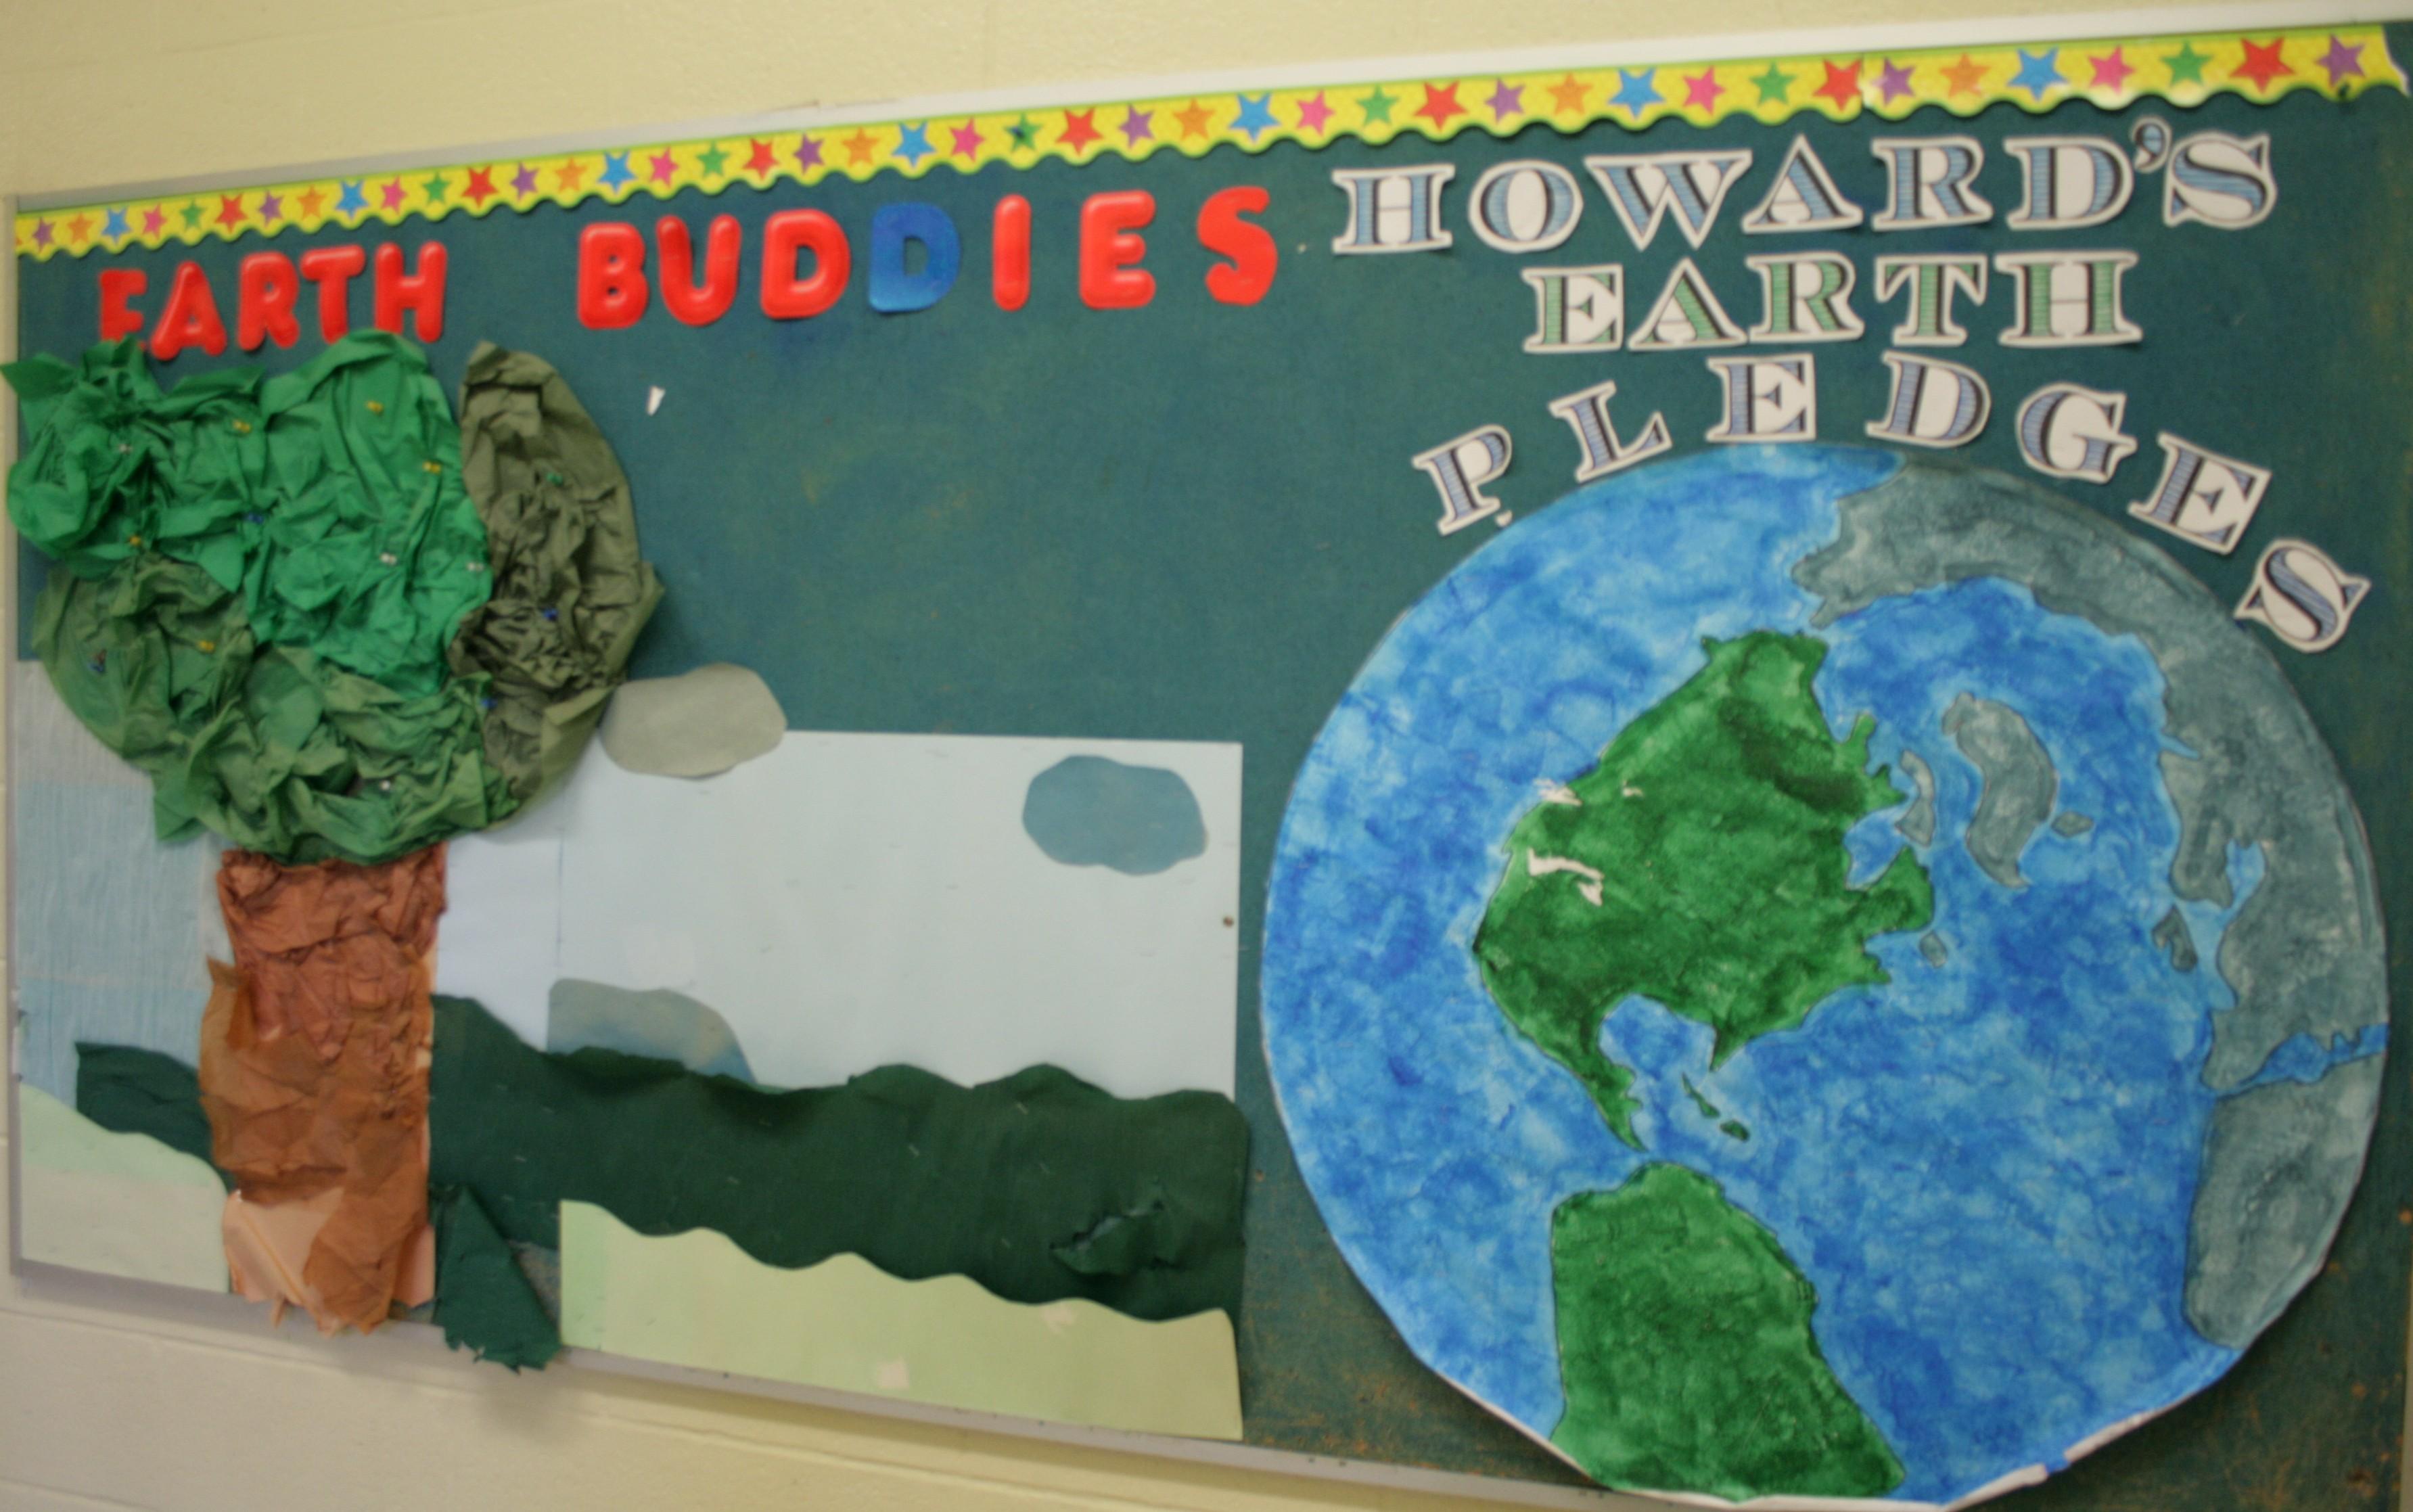 Earth buddies